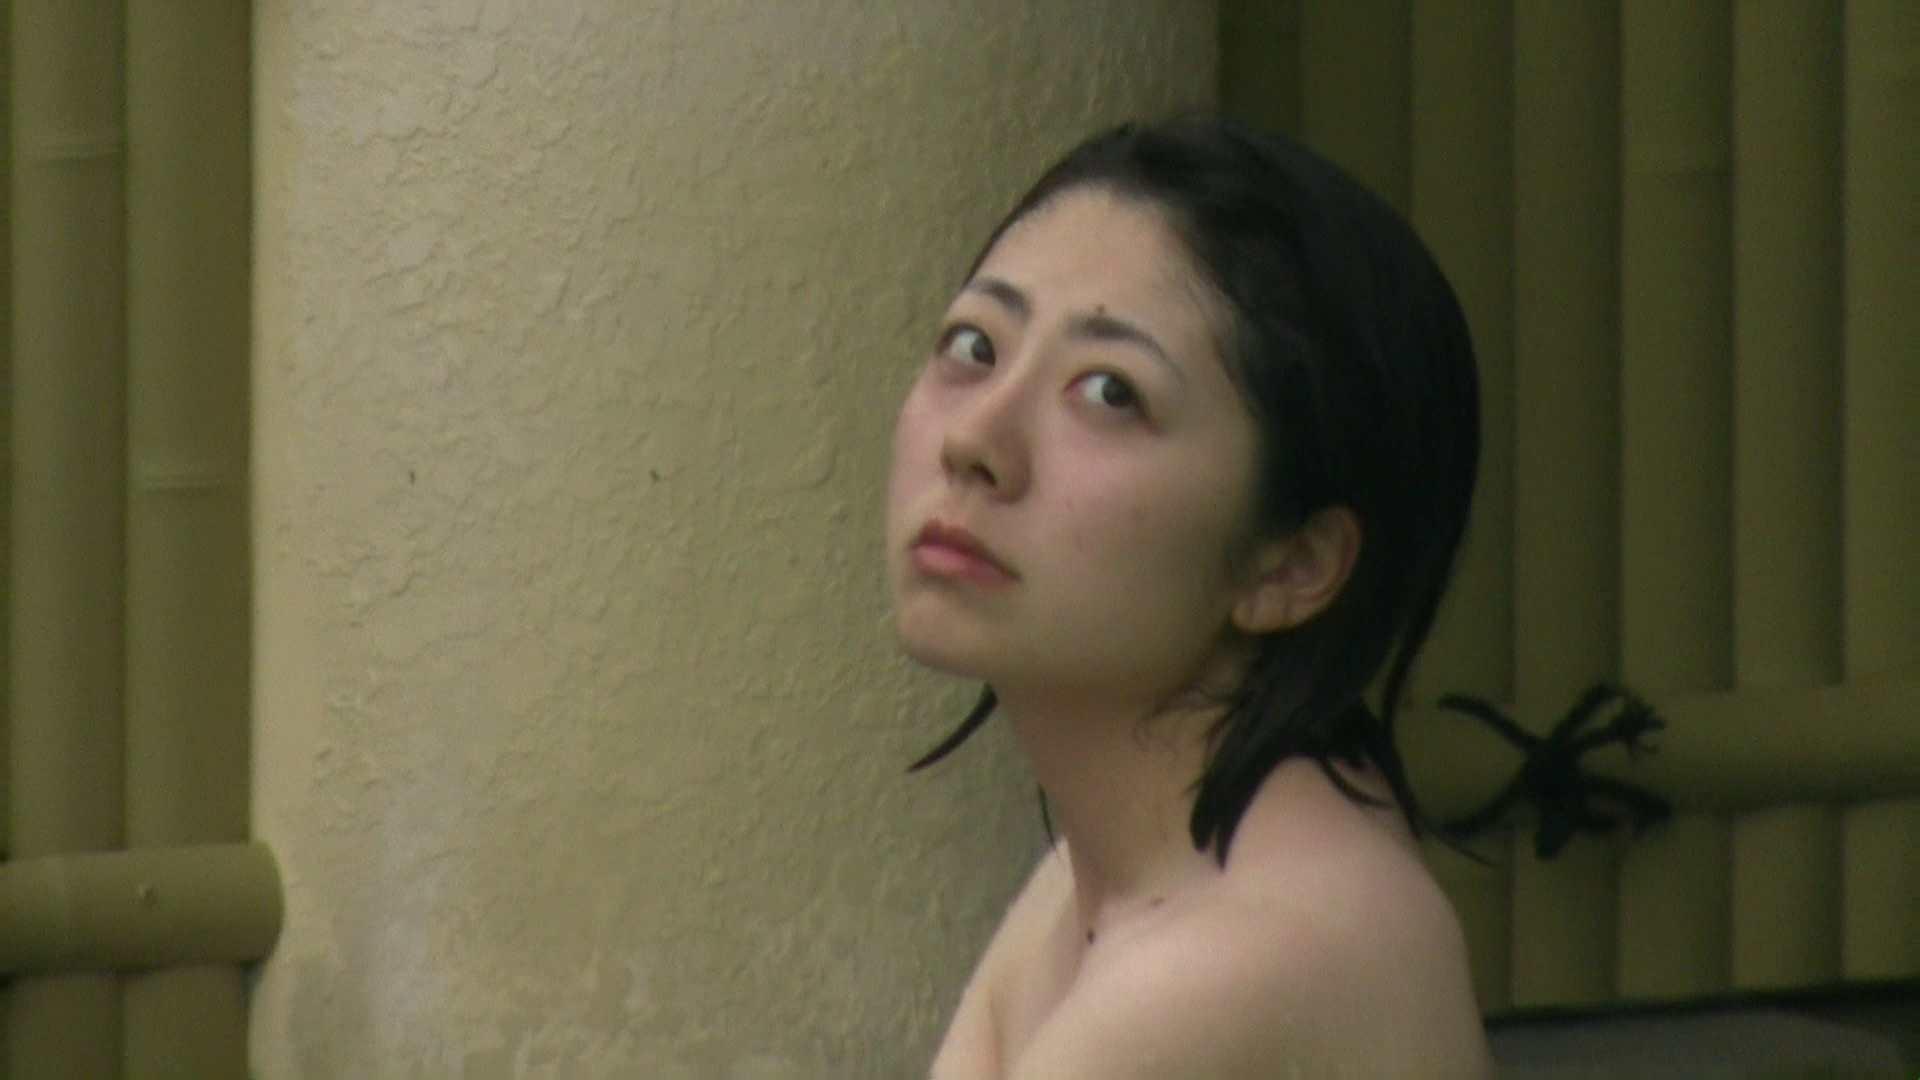 Aquaな露天風呂Vol.04 エッチな盗撮 おまんこ動画流出 84pic 3